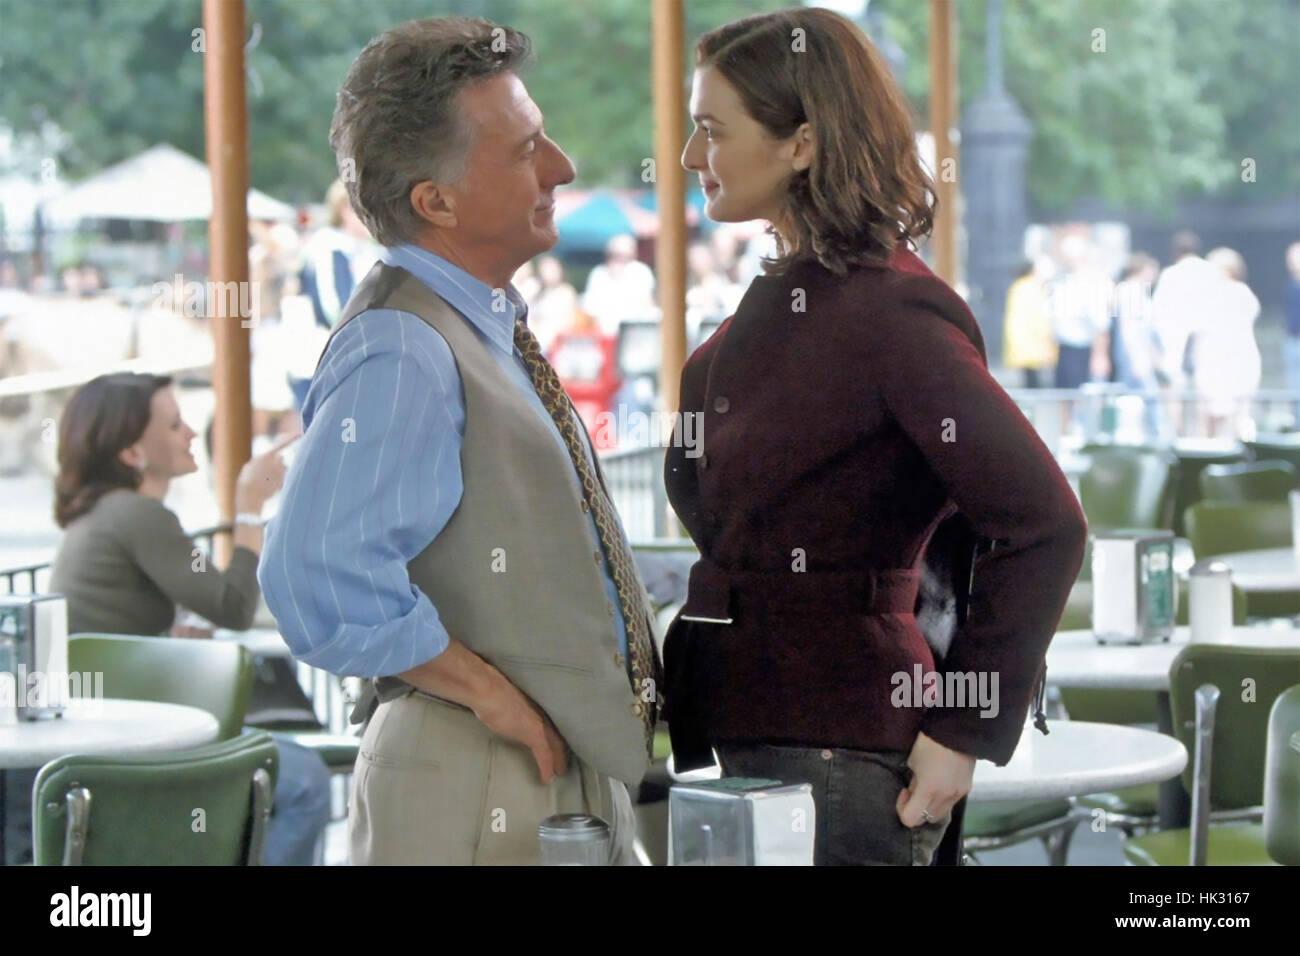 RUNAWAY GIURIA 2003 Regency Enterprises film con Rachel Weisz e Dustin Hoffman Immagini Stock